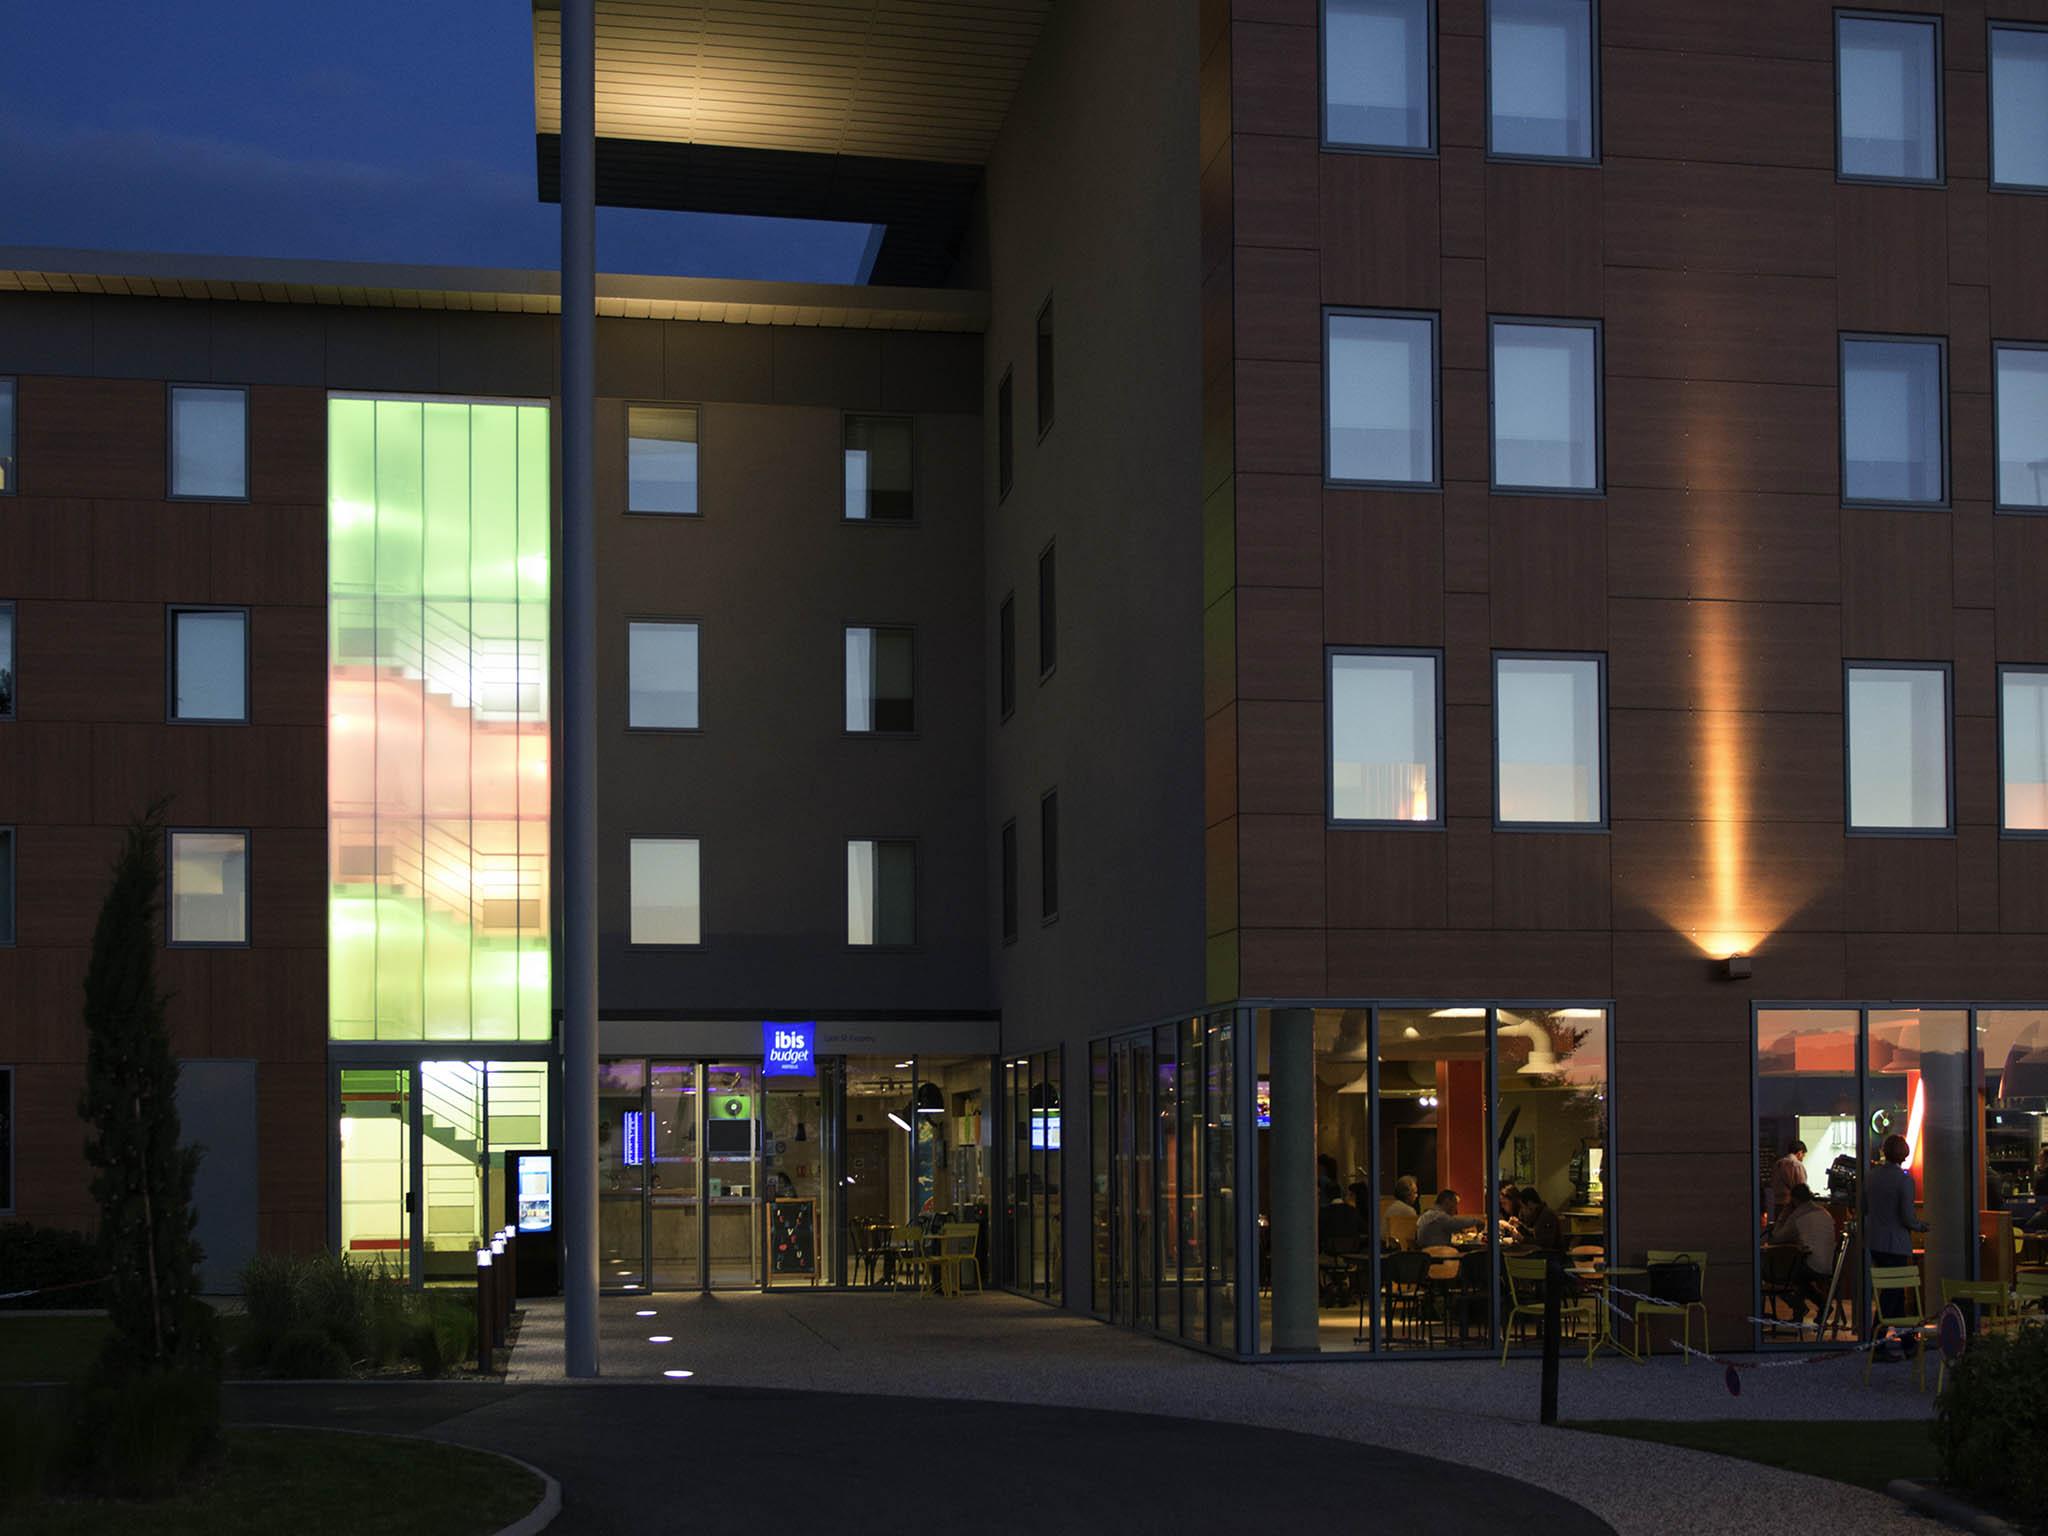 Hotel lyon aeroport saint exupery pas cher for Site recherche hotel pas cher